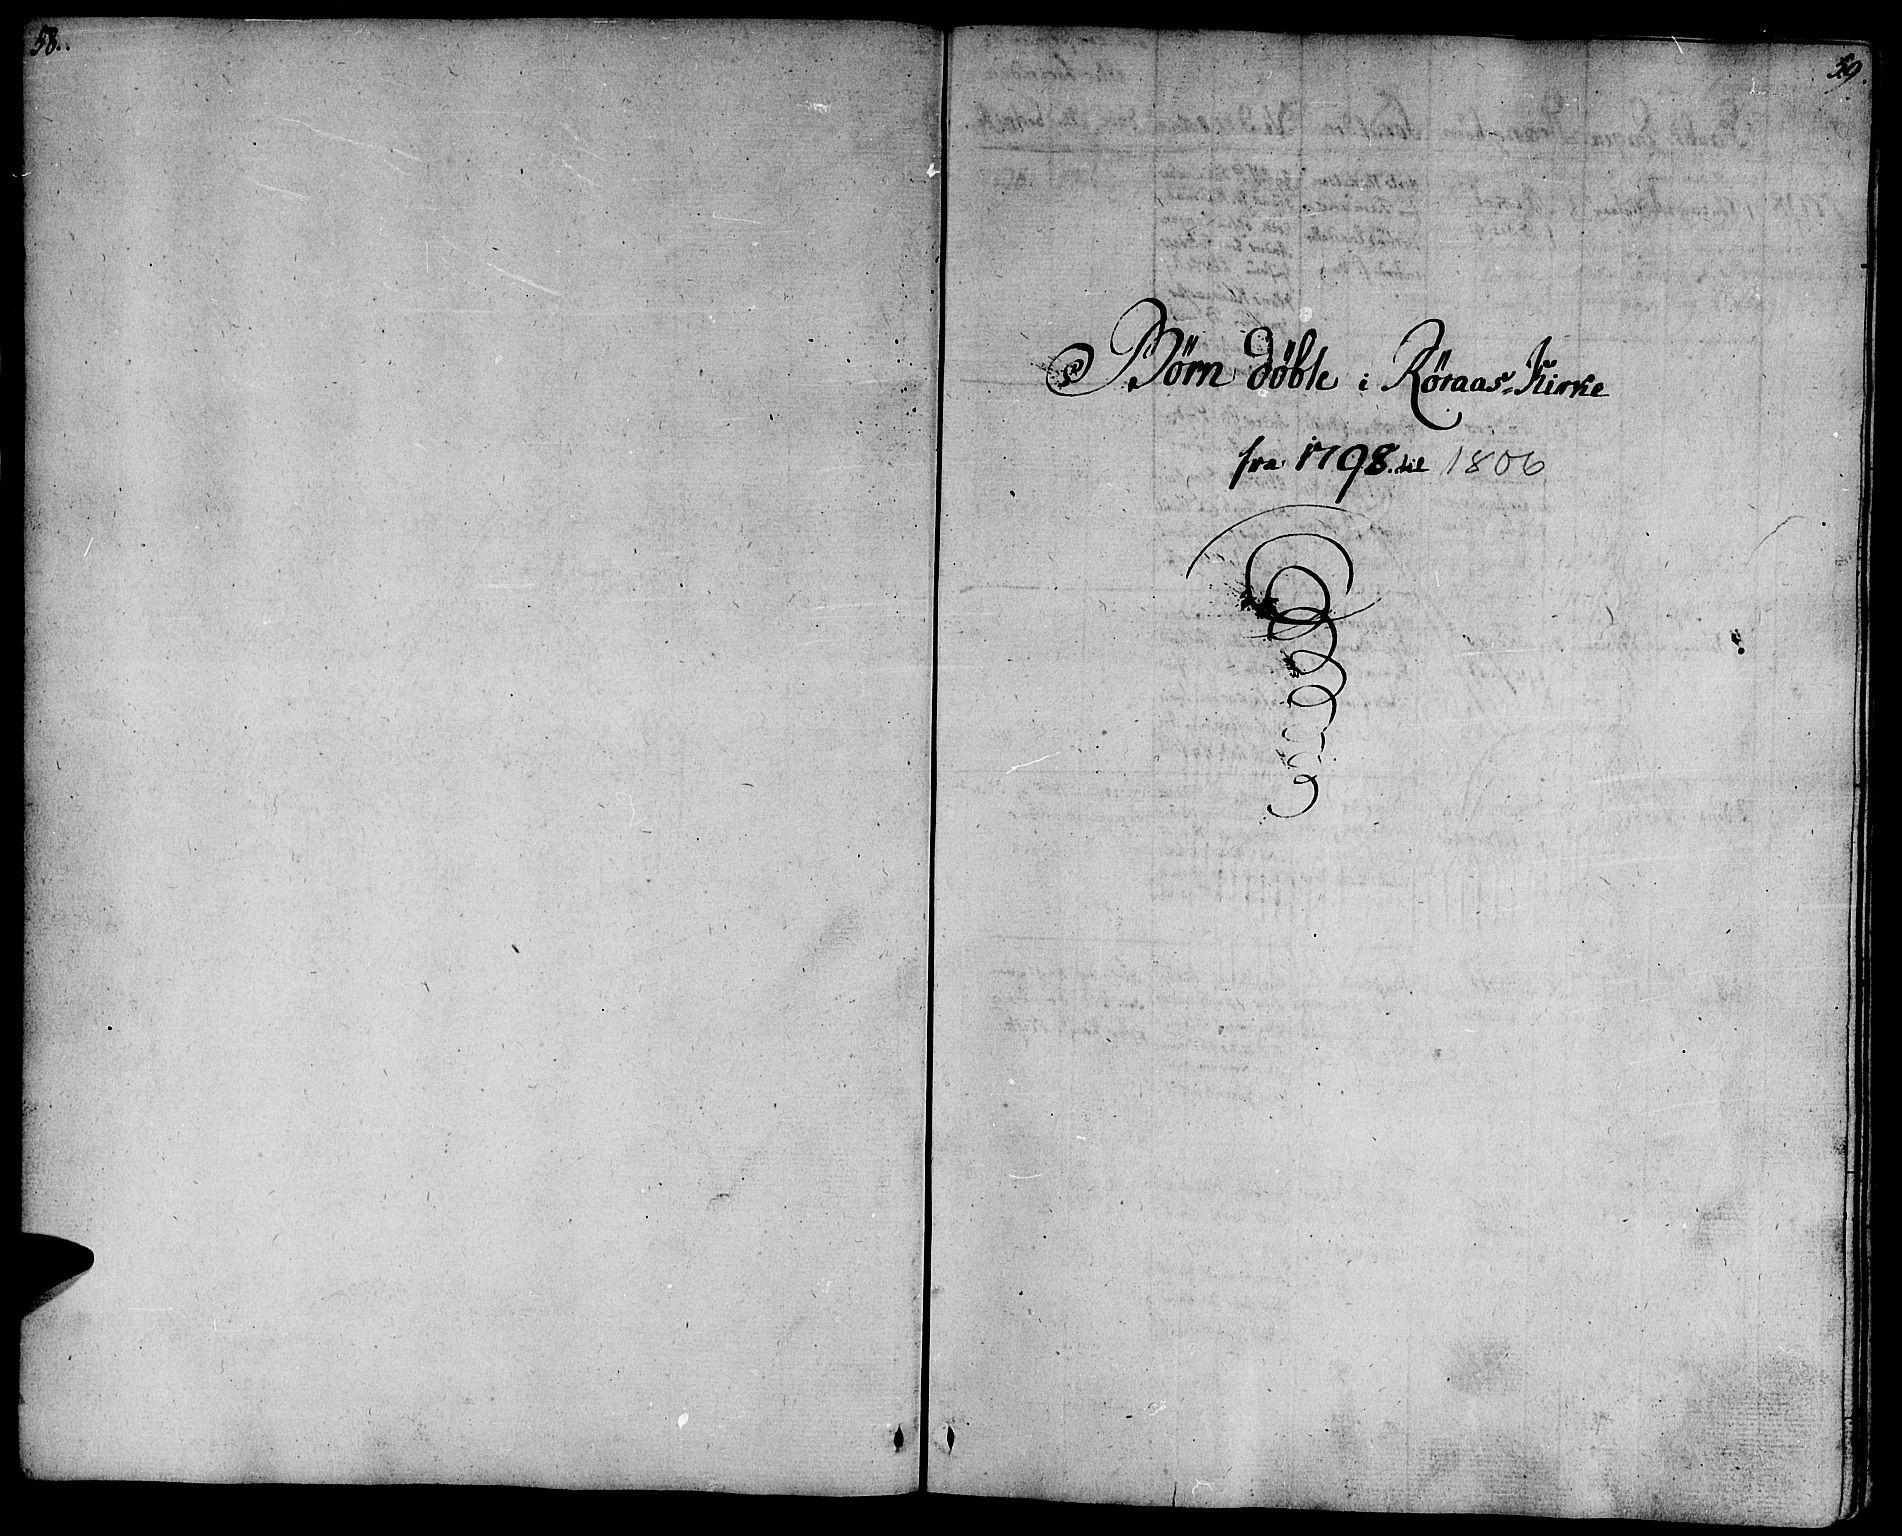 SAT, Ministerialprotokoller, klokkerbøker og fødselsregistre - Sør-Trøndelag, 681/L0927: Ministerialbok nr. 681A05, 1798-1808, s. 58-59